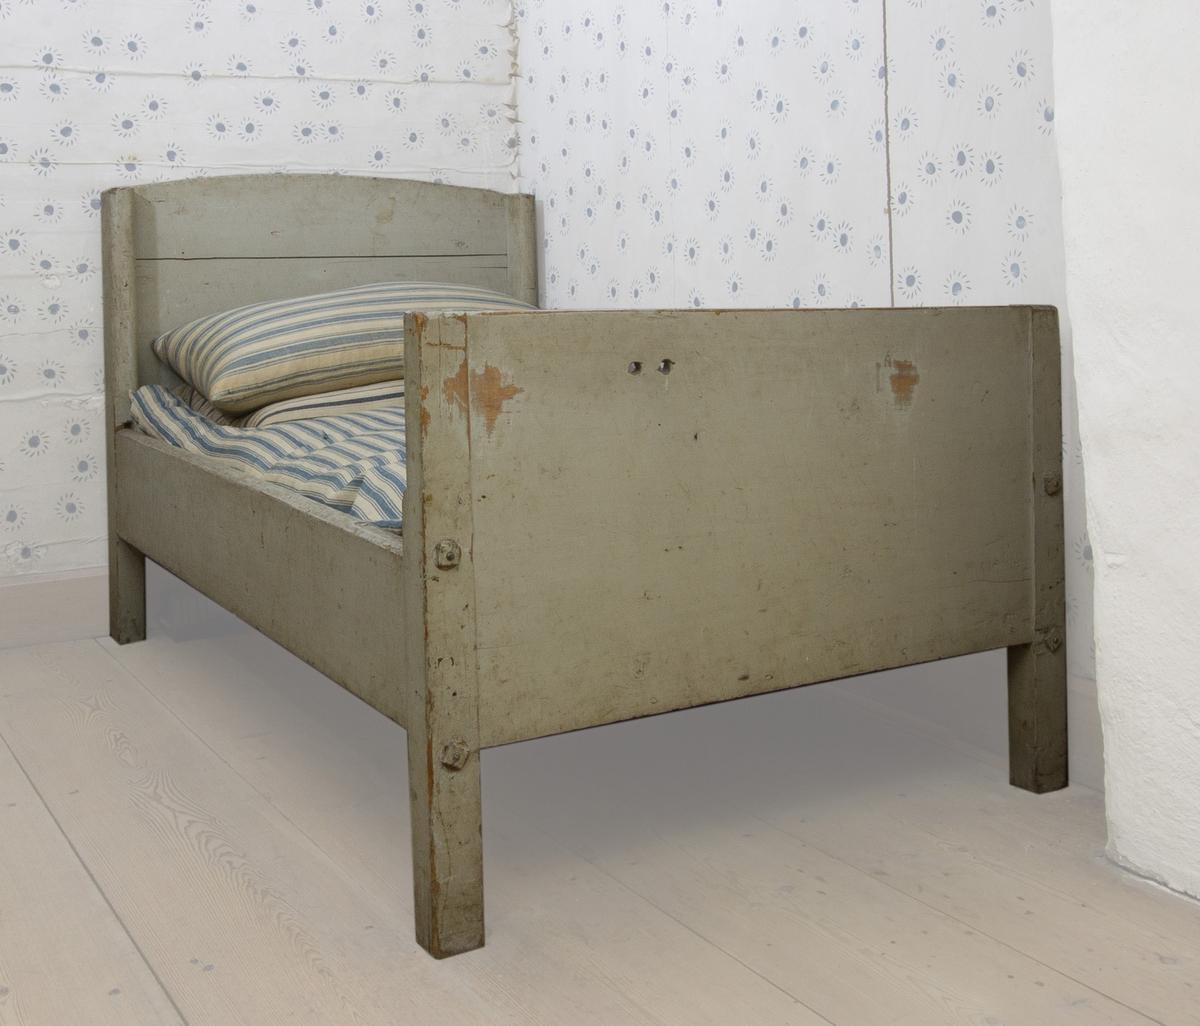 Säng i furu, enkel med hög, något rundad huvudgavel. Lägre, rak fotgavel. Målad i grågrönt.